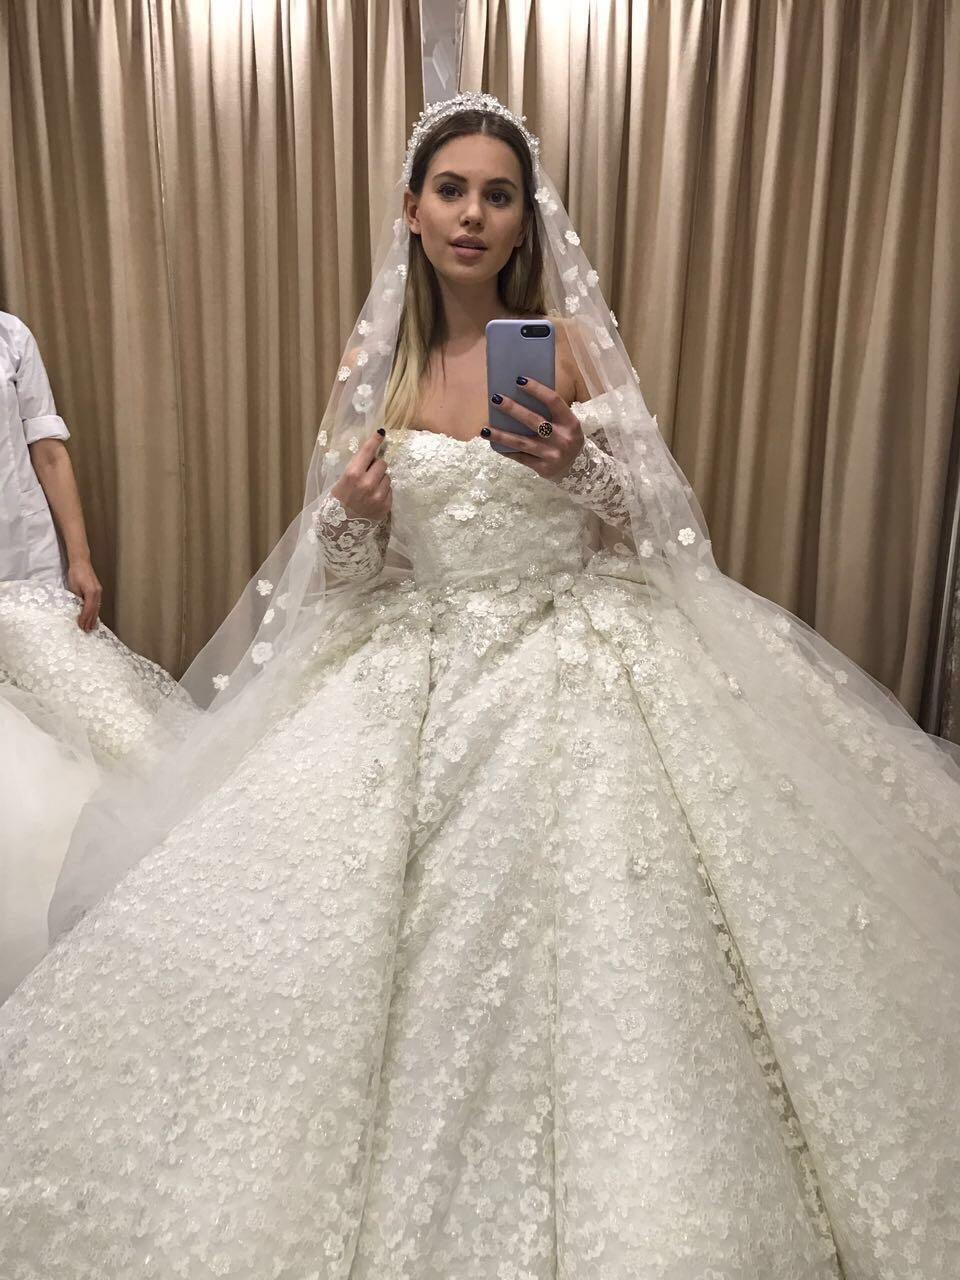 саша артемова свадьба фото